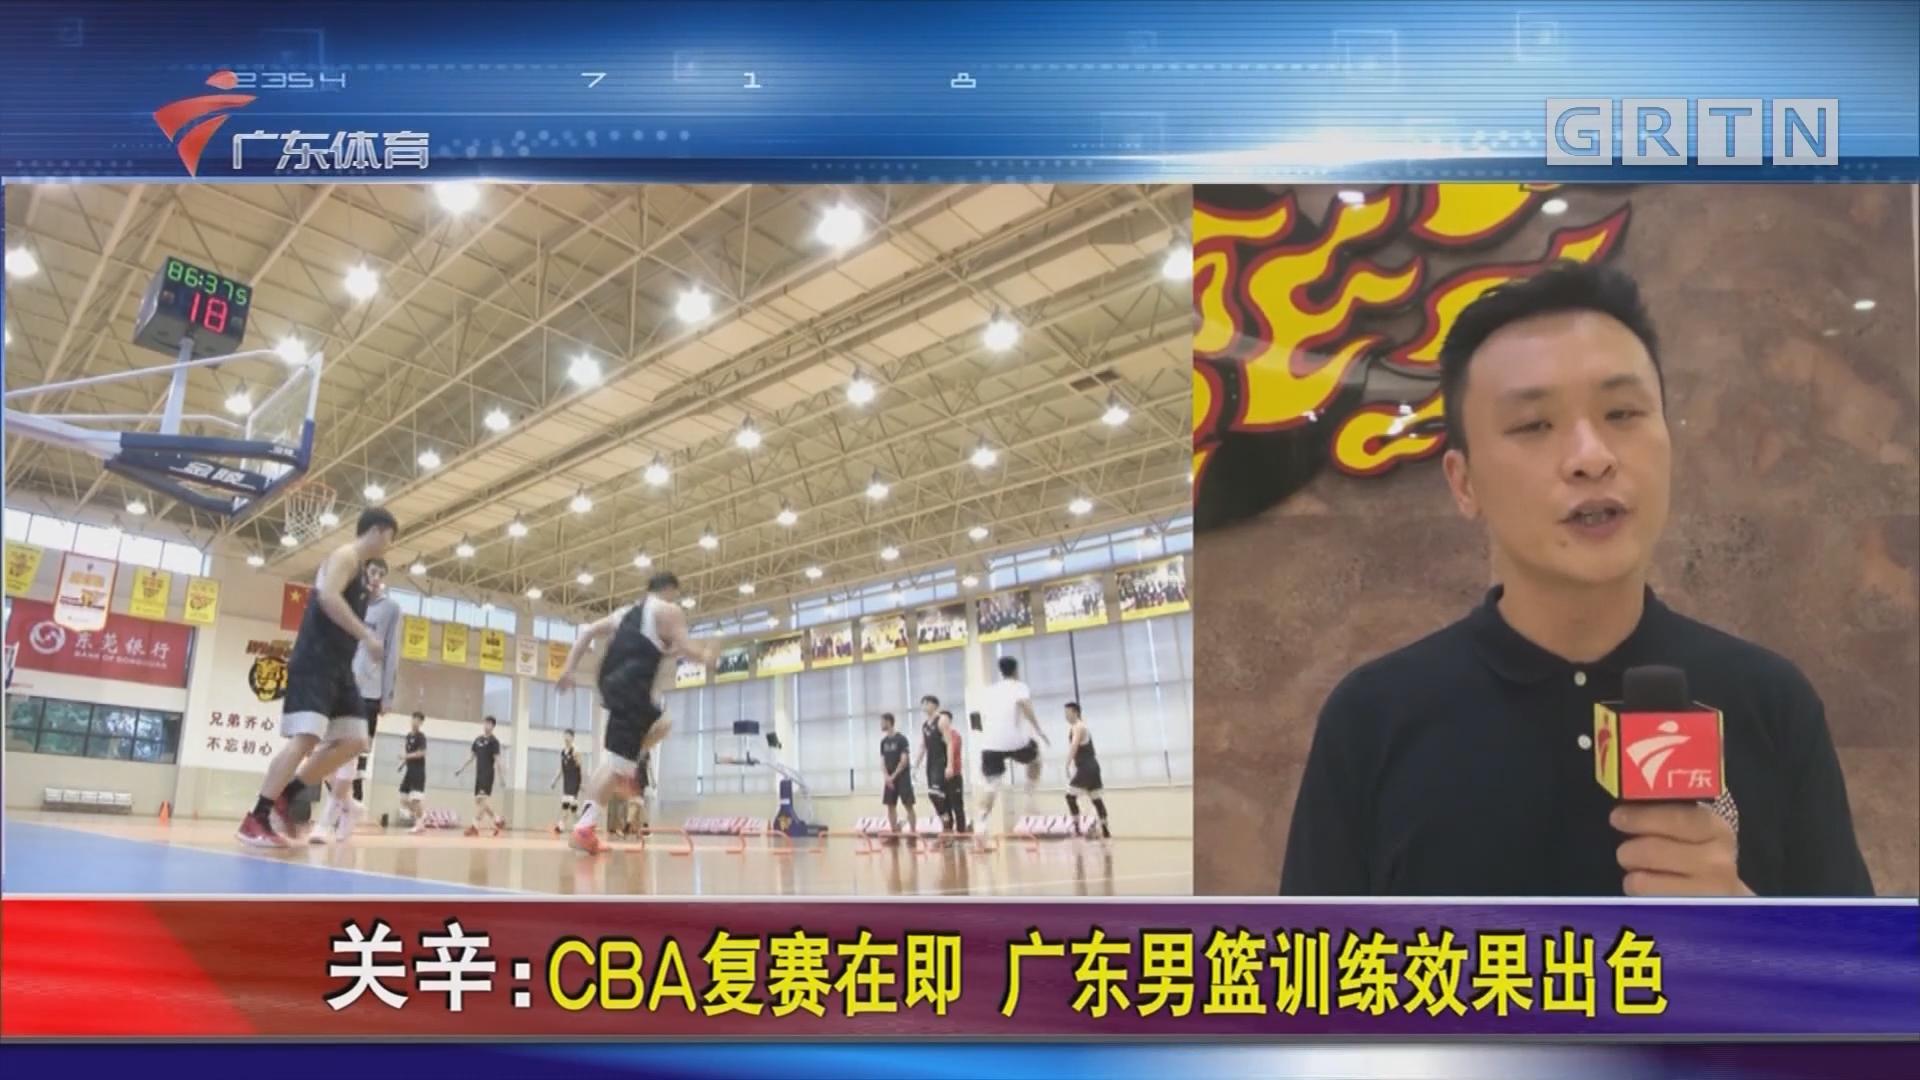 关辛:CBA复赛在即 广东男篮训练效果出色